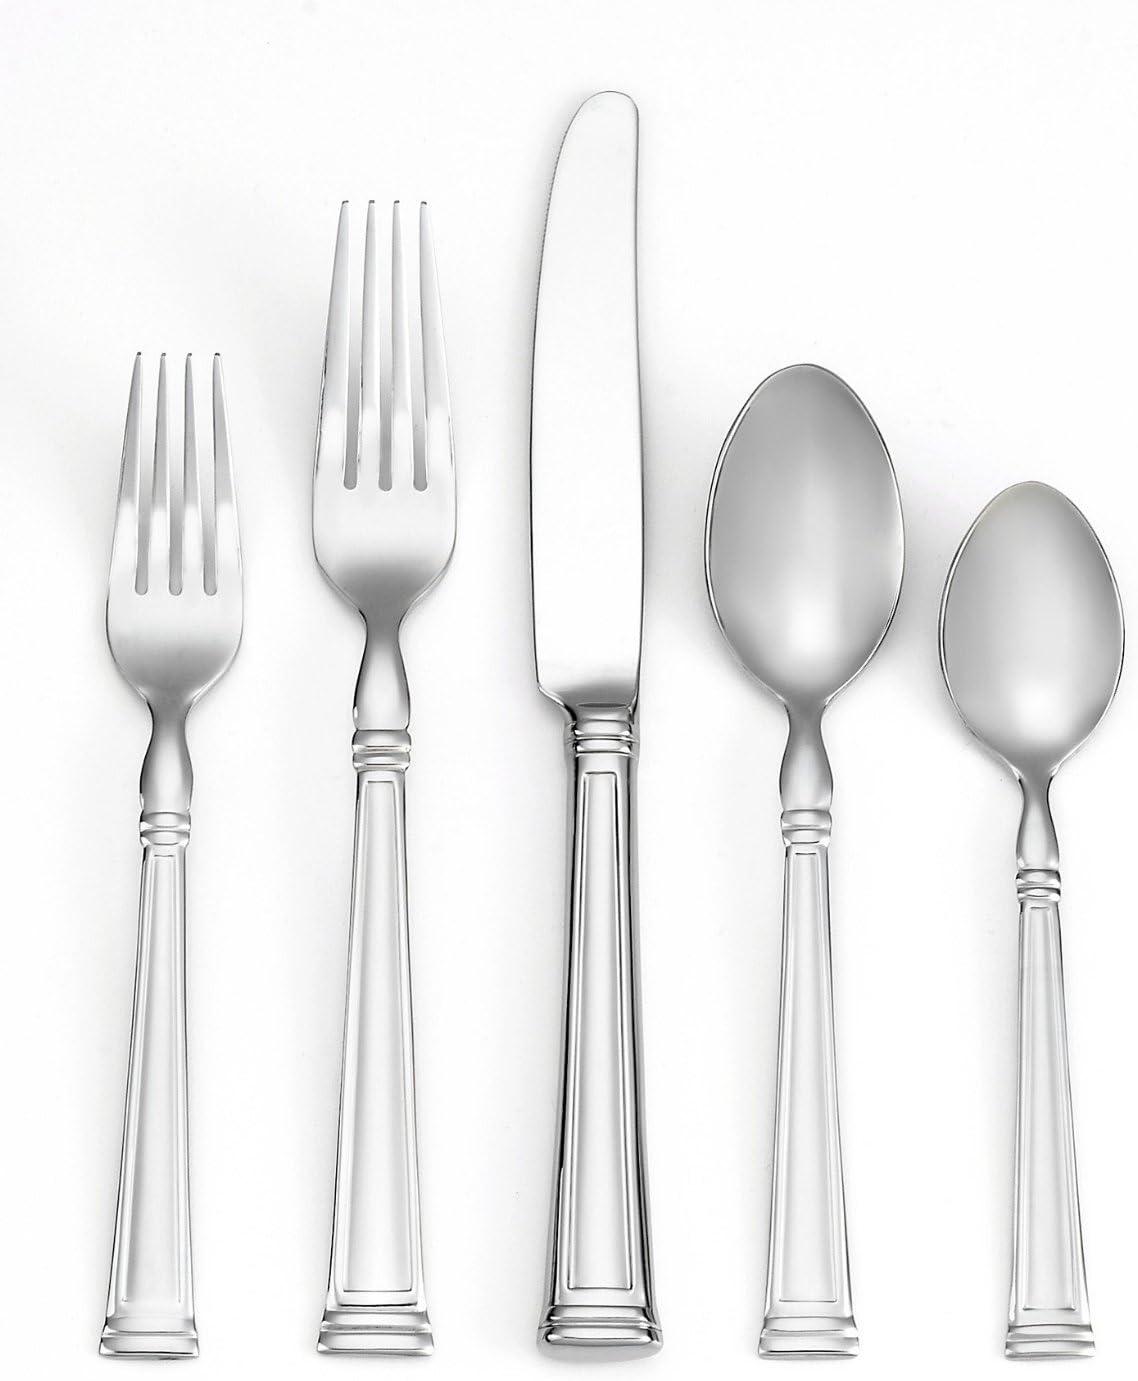 Lenox 18//10 Stainless Flatware BEAD pattern Set Of 4 Dinner Forks